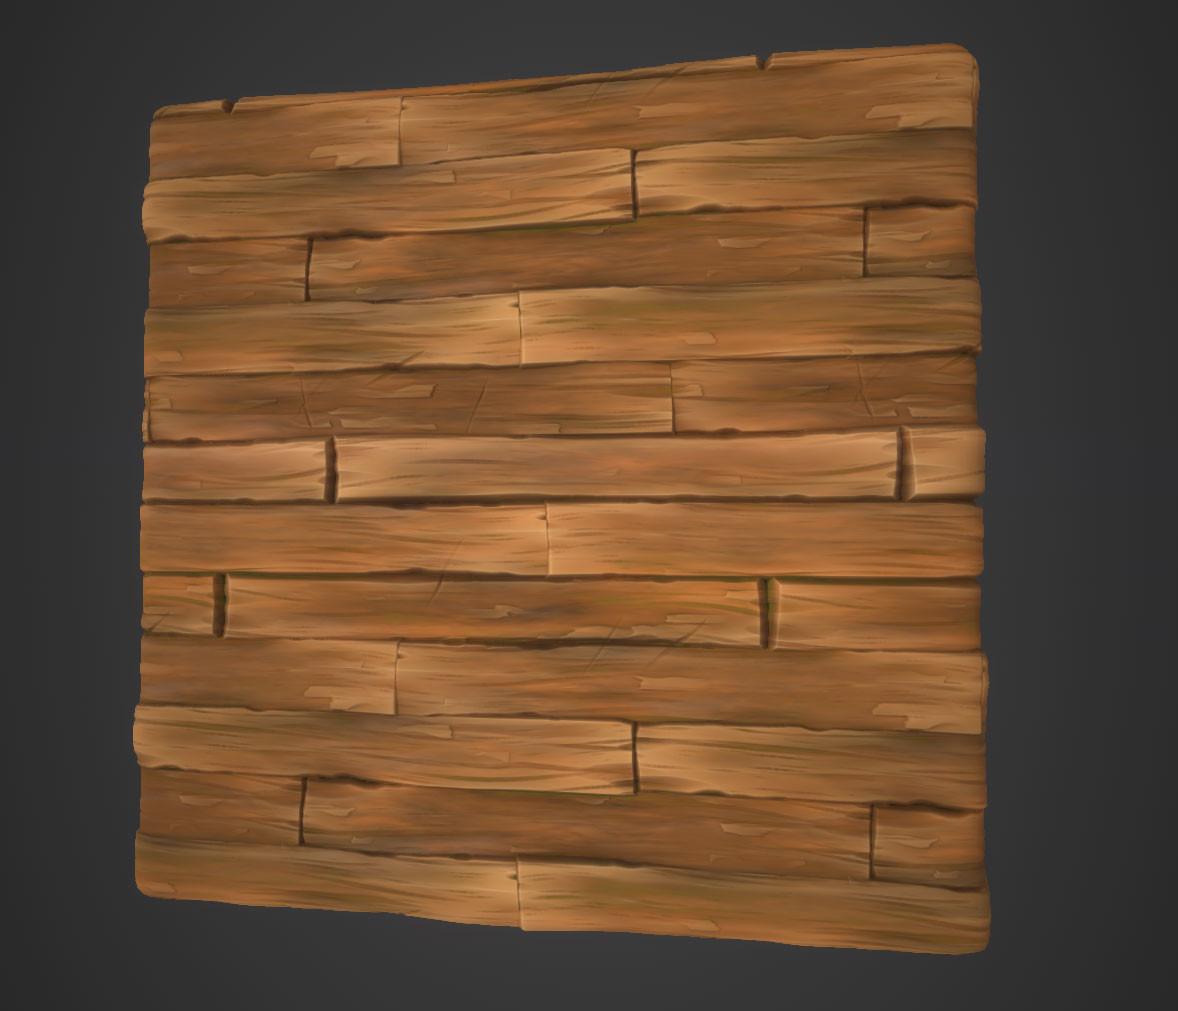 Hugo beyer stylized wood